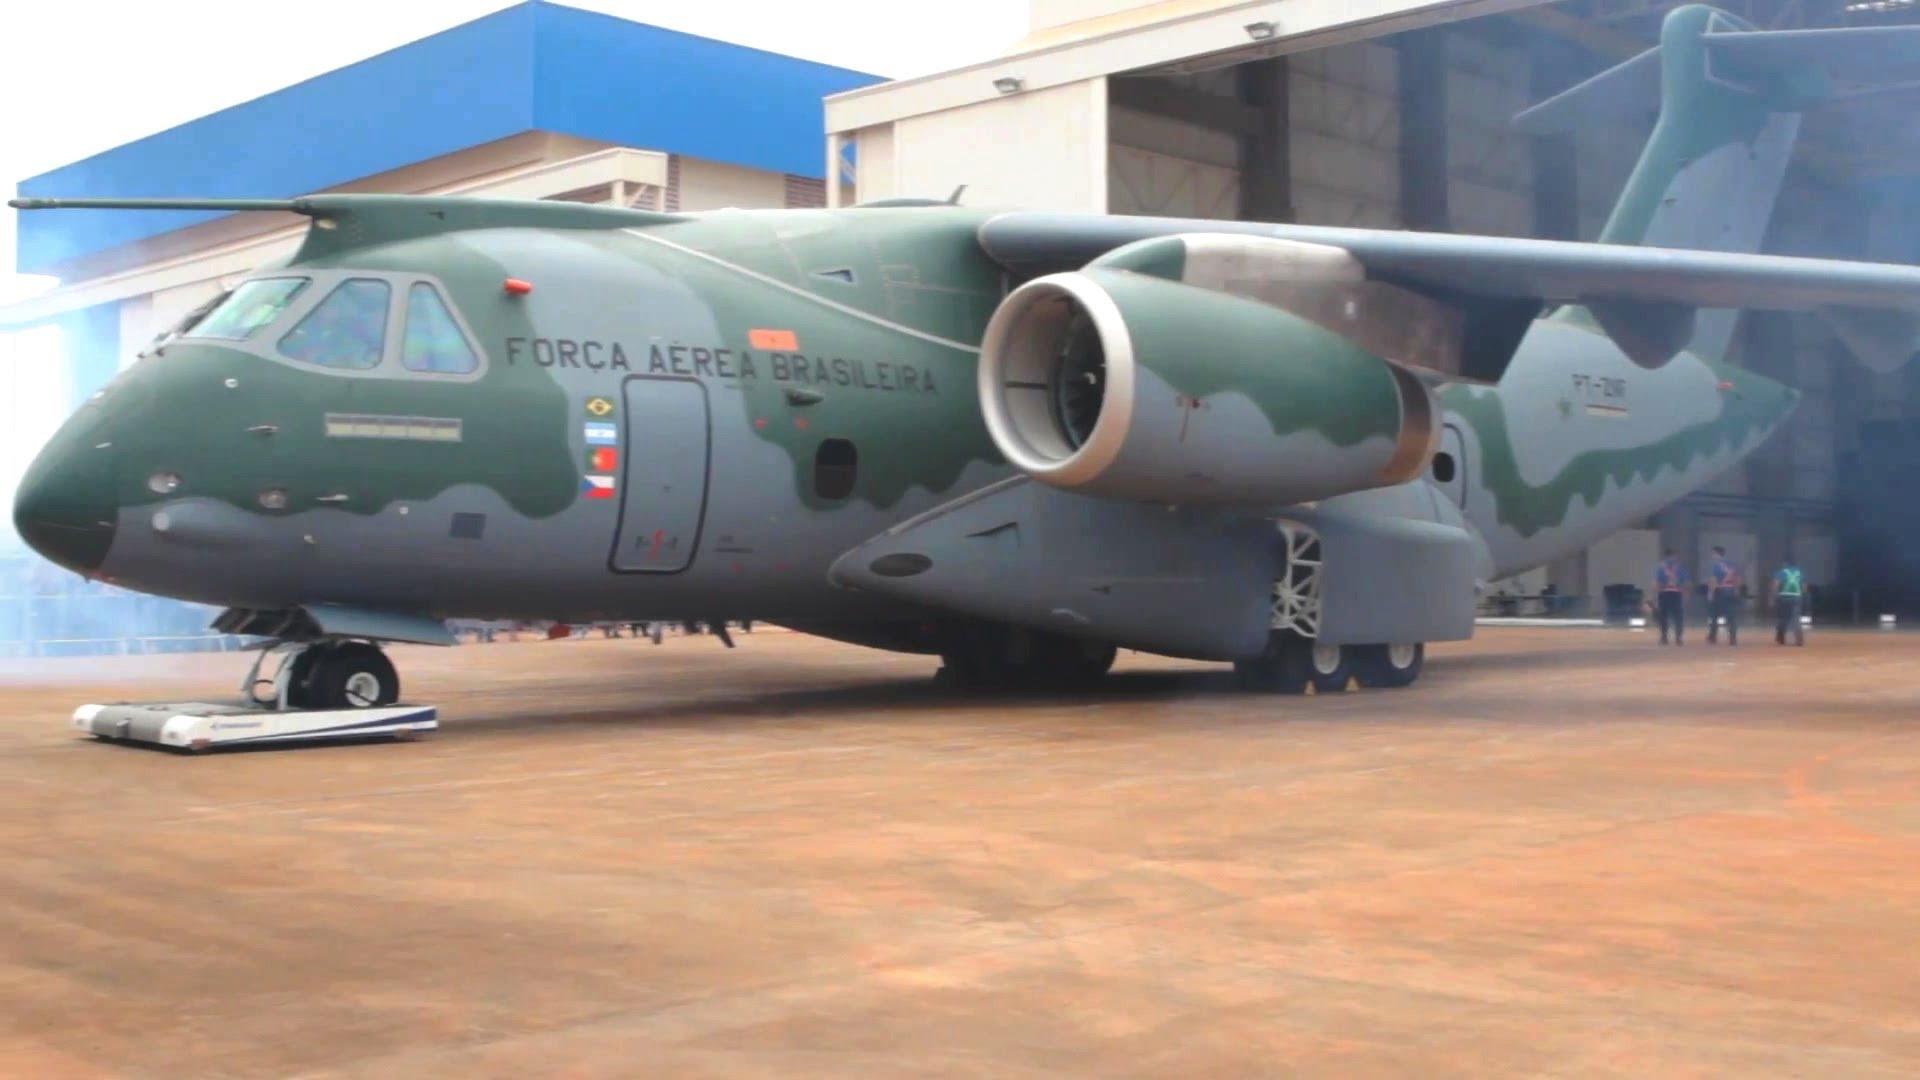 Бразильский самолет ВТС КС-390